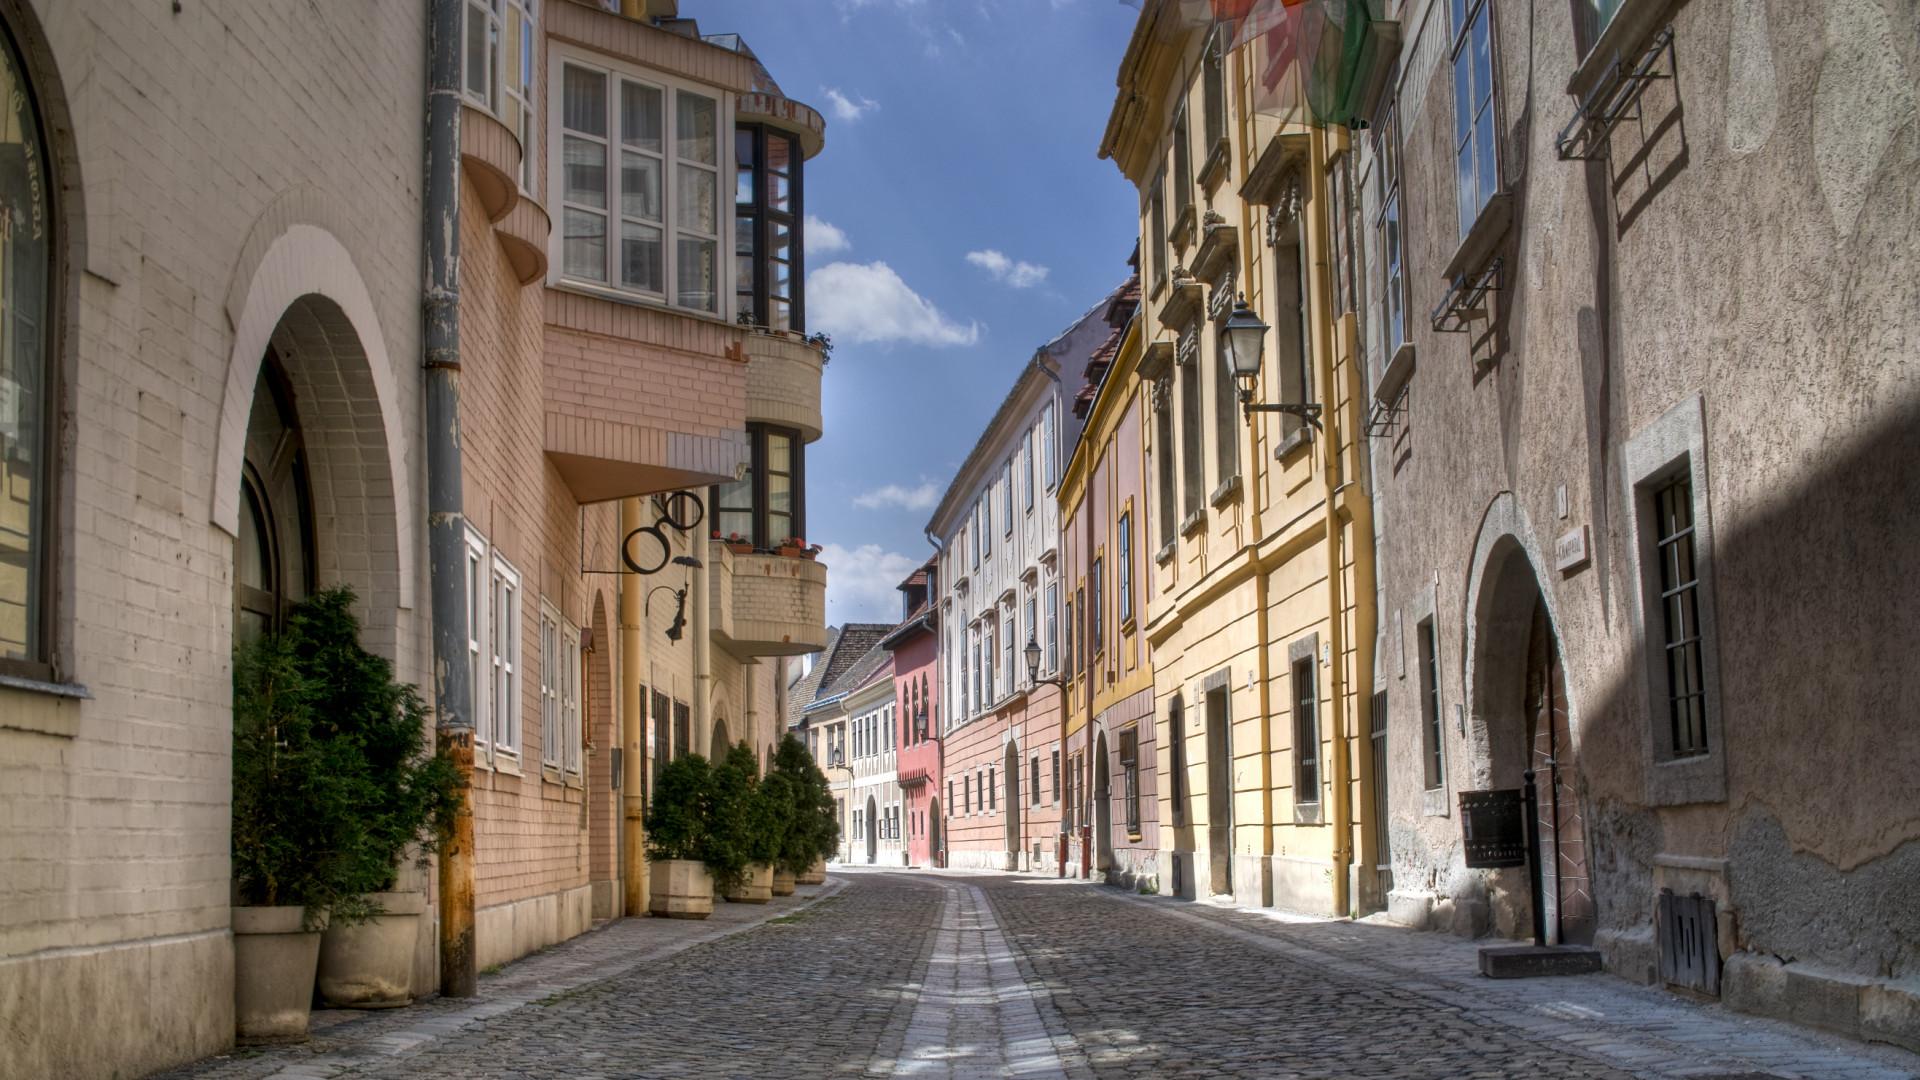 Új rekordok dőltek meg a magyar lakáspiacon – Nagyobb lett a szakadék, mint eddig volt